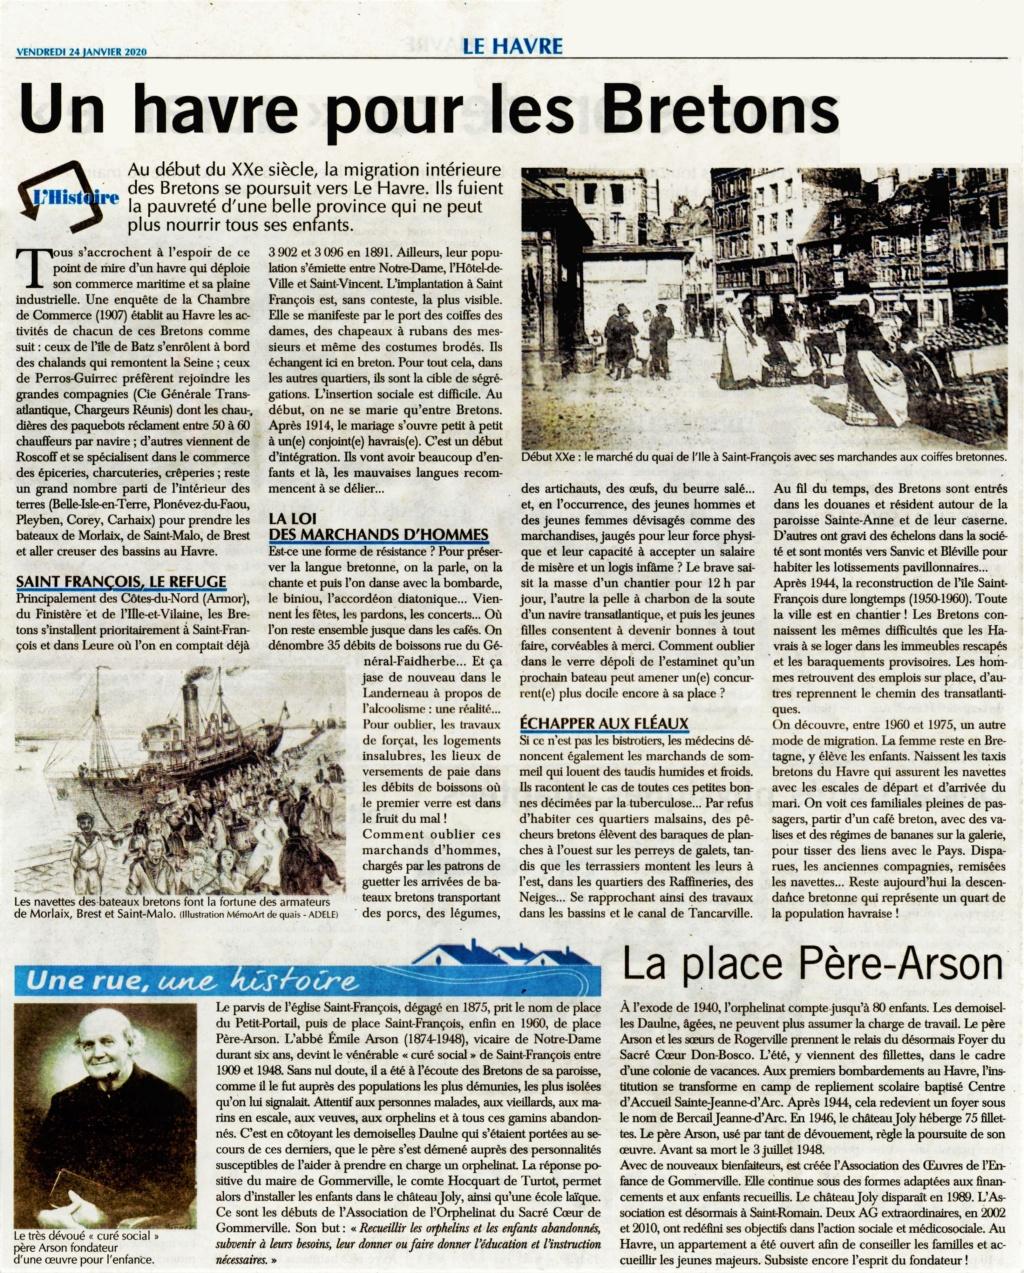 Saint-François - Un havre pour les Bretons - Place Père-Arson 2020-174